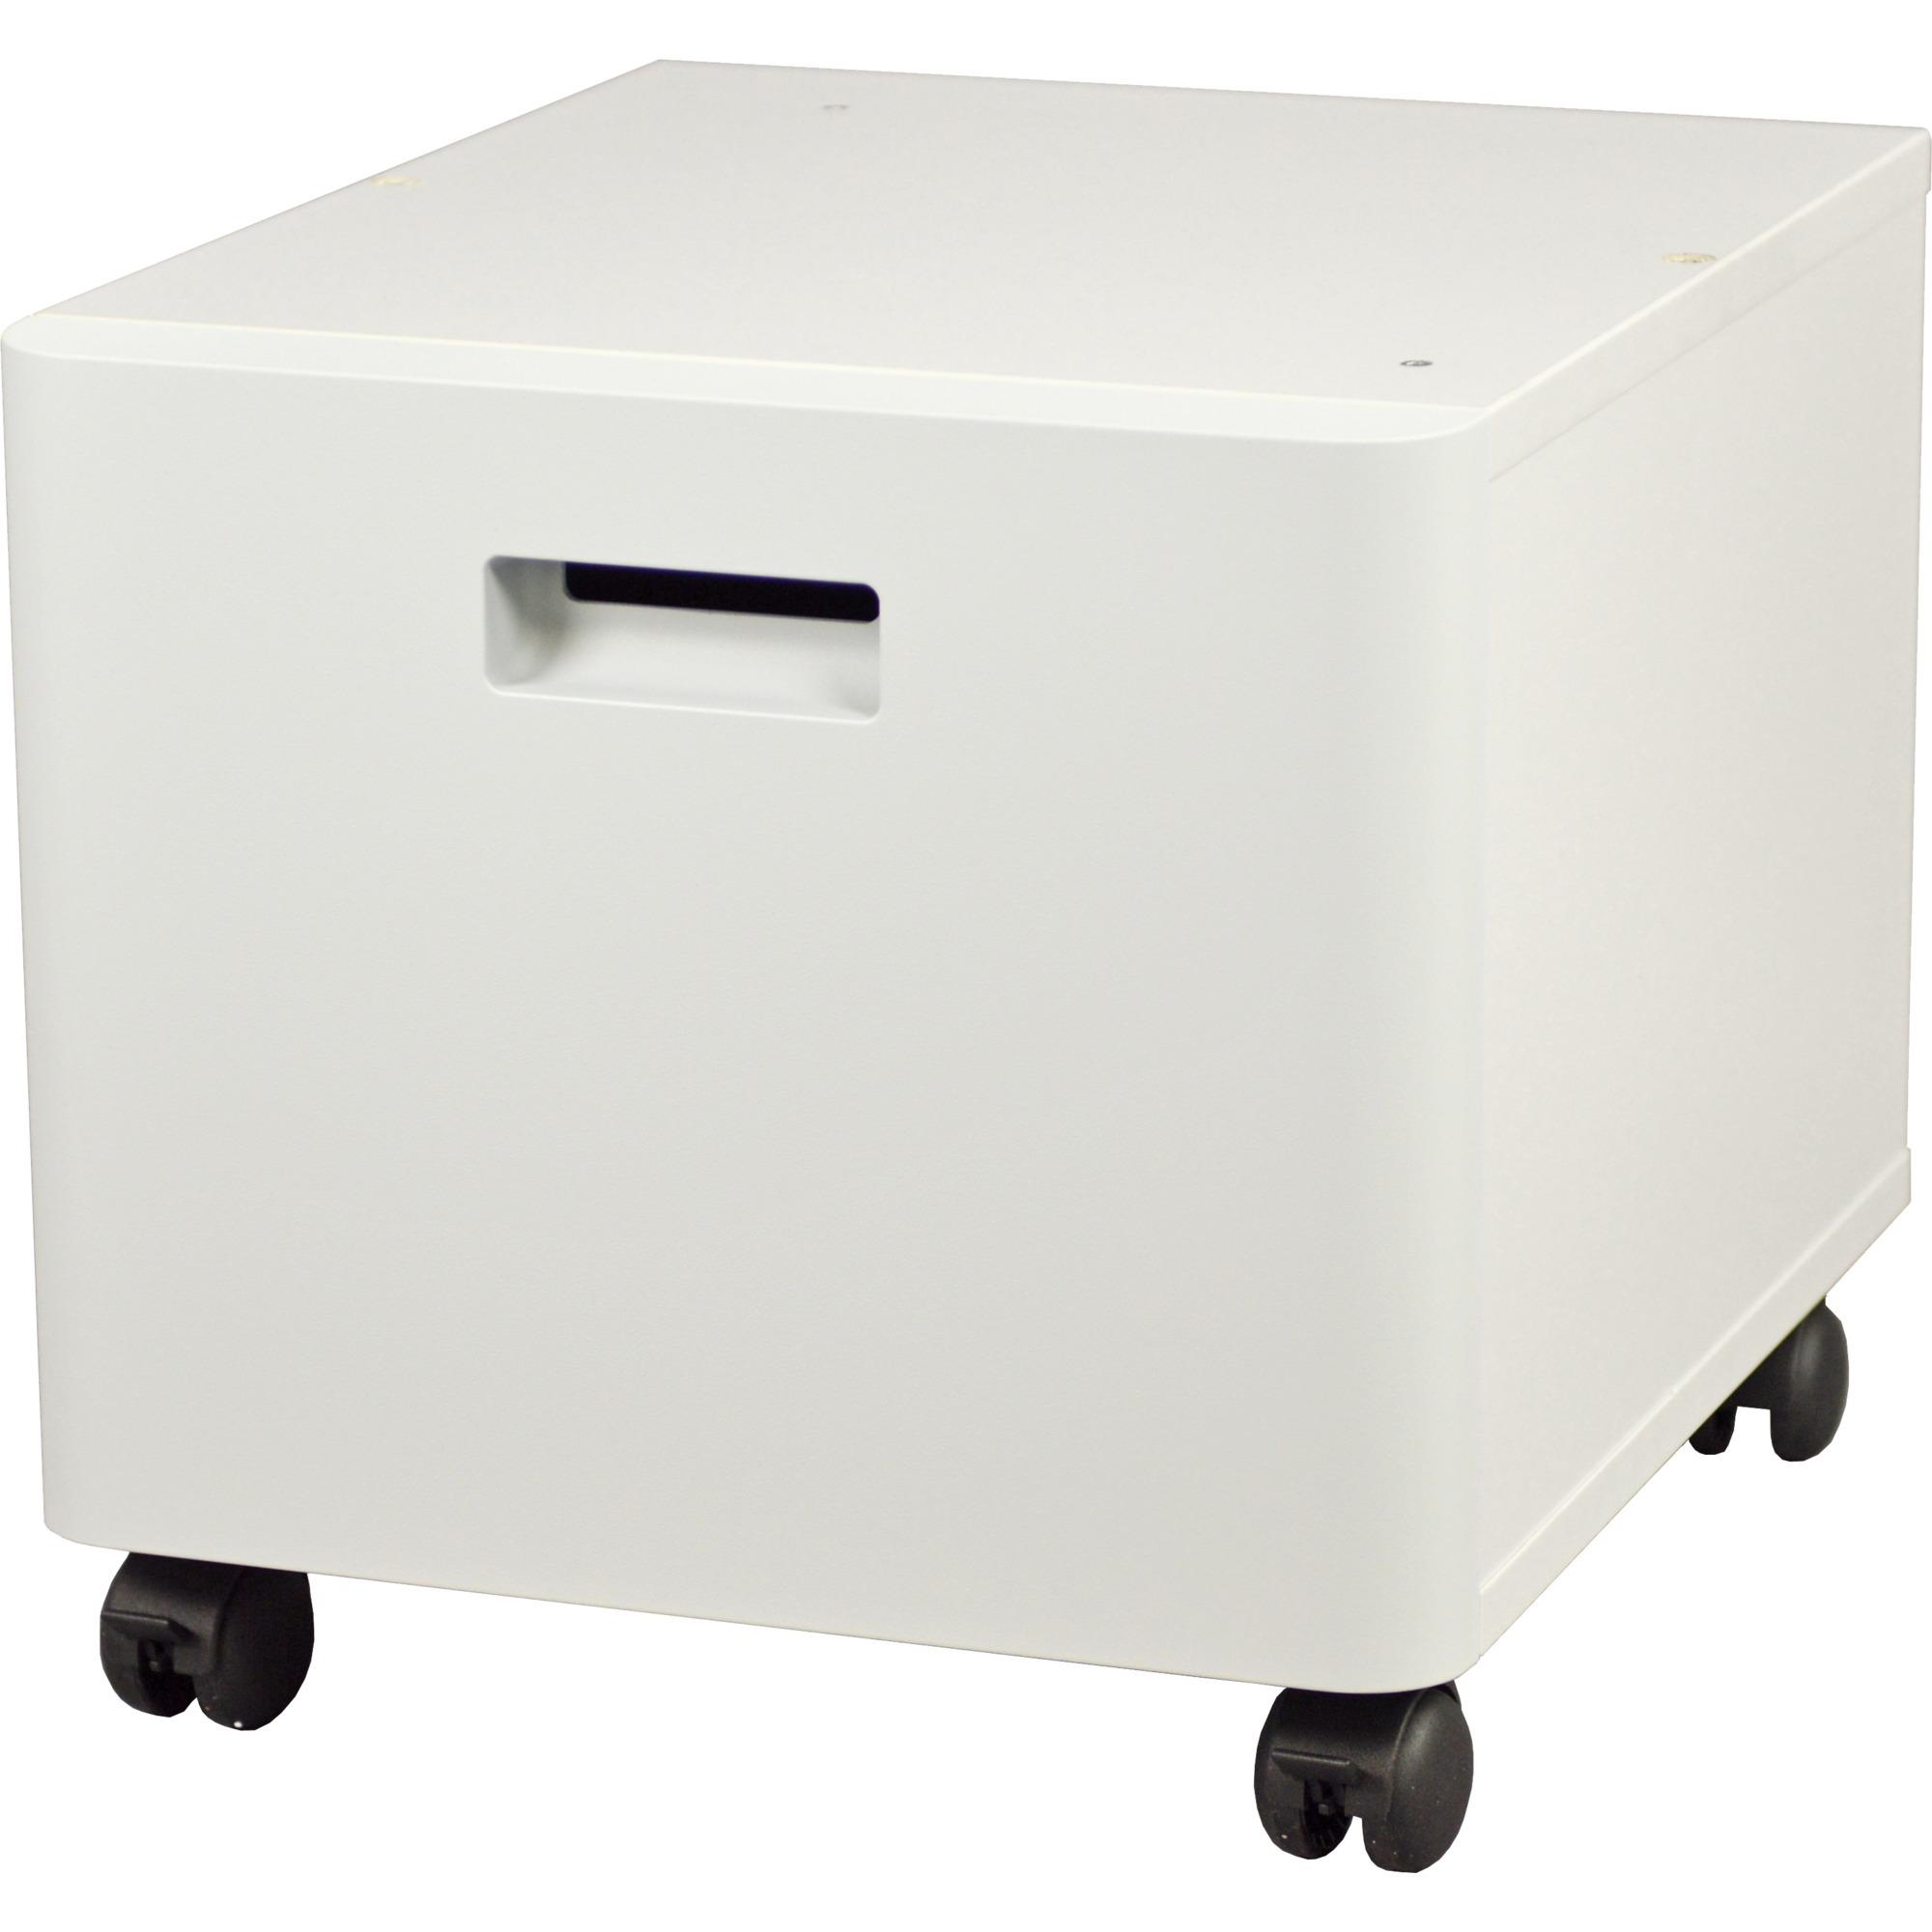 ZUNTBC4FARBLASER mueble y soporte para impresoras Blanco, Compartimento de abajo